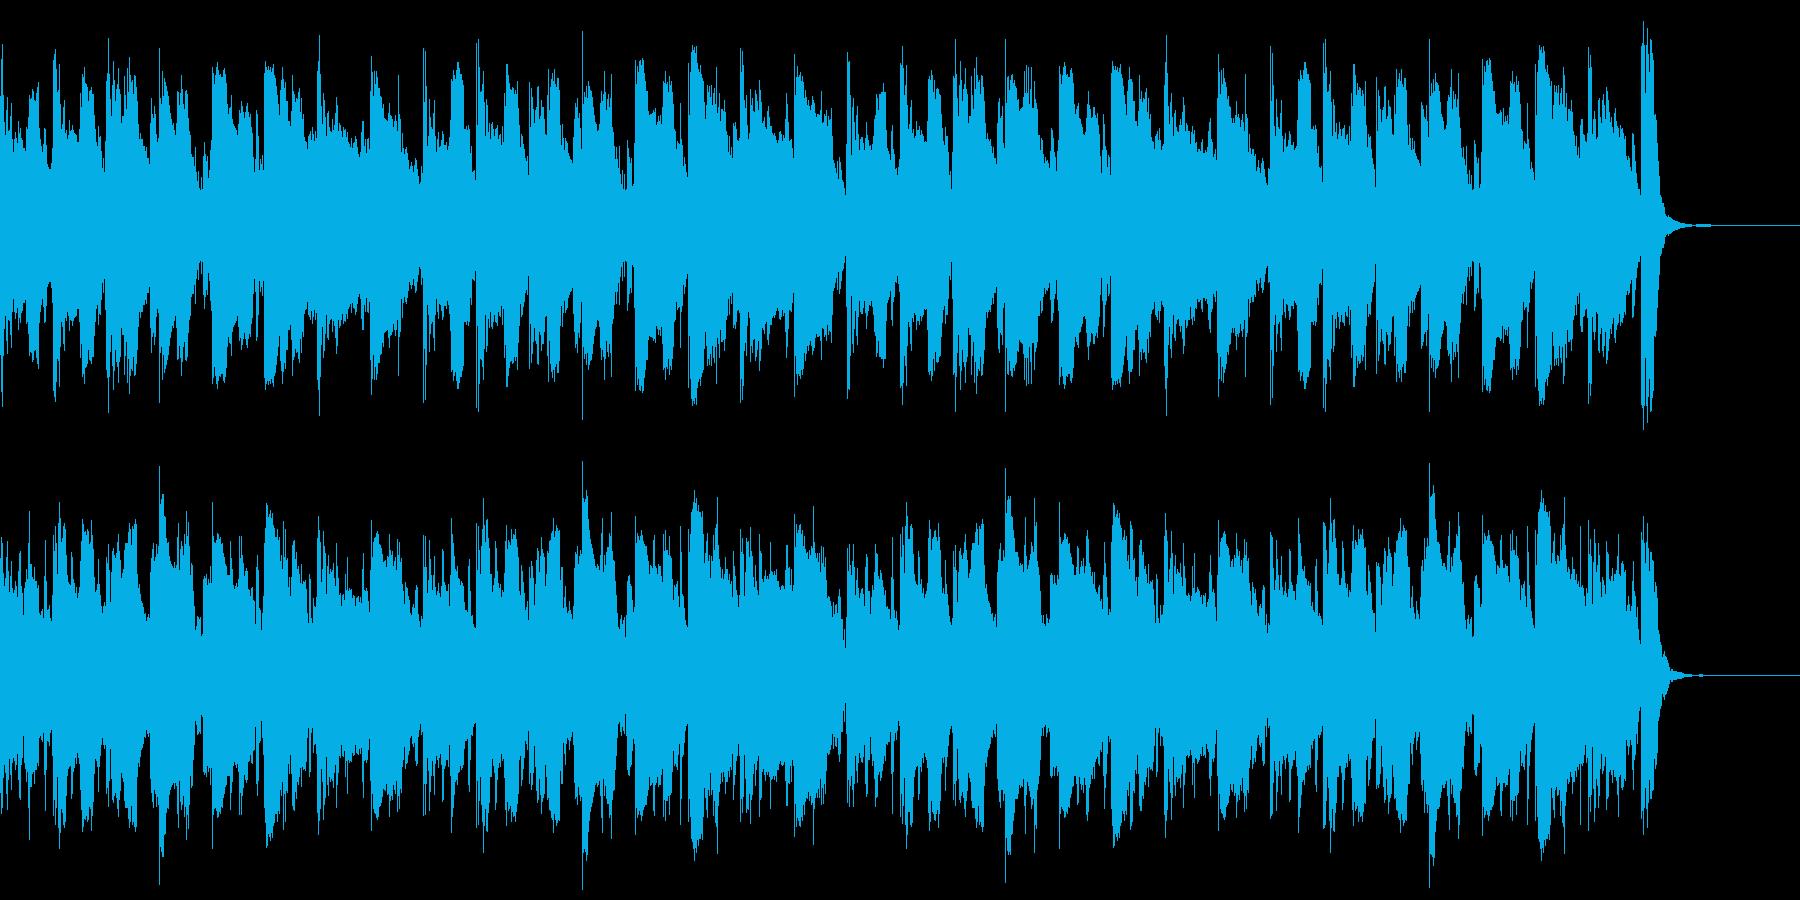 動画広告 30秒 リコーダーB 日常の再生済みの波形